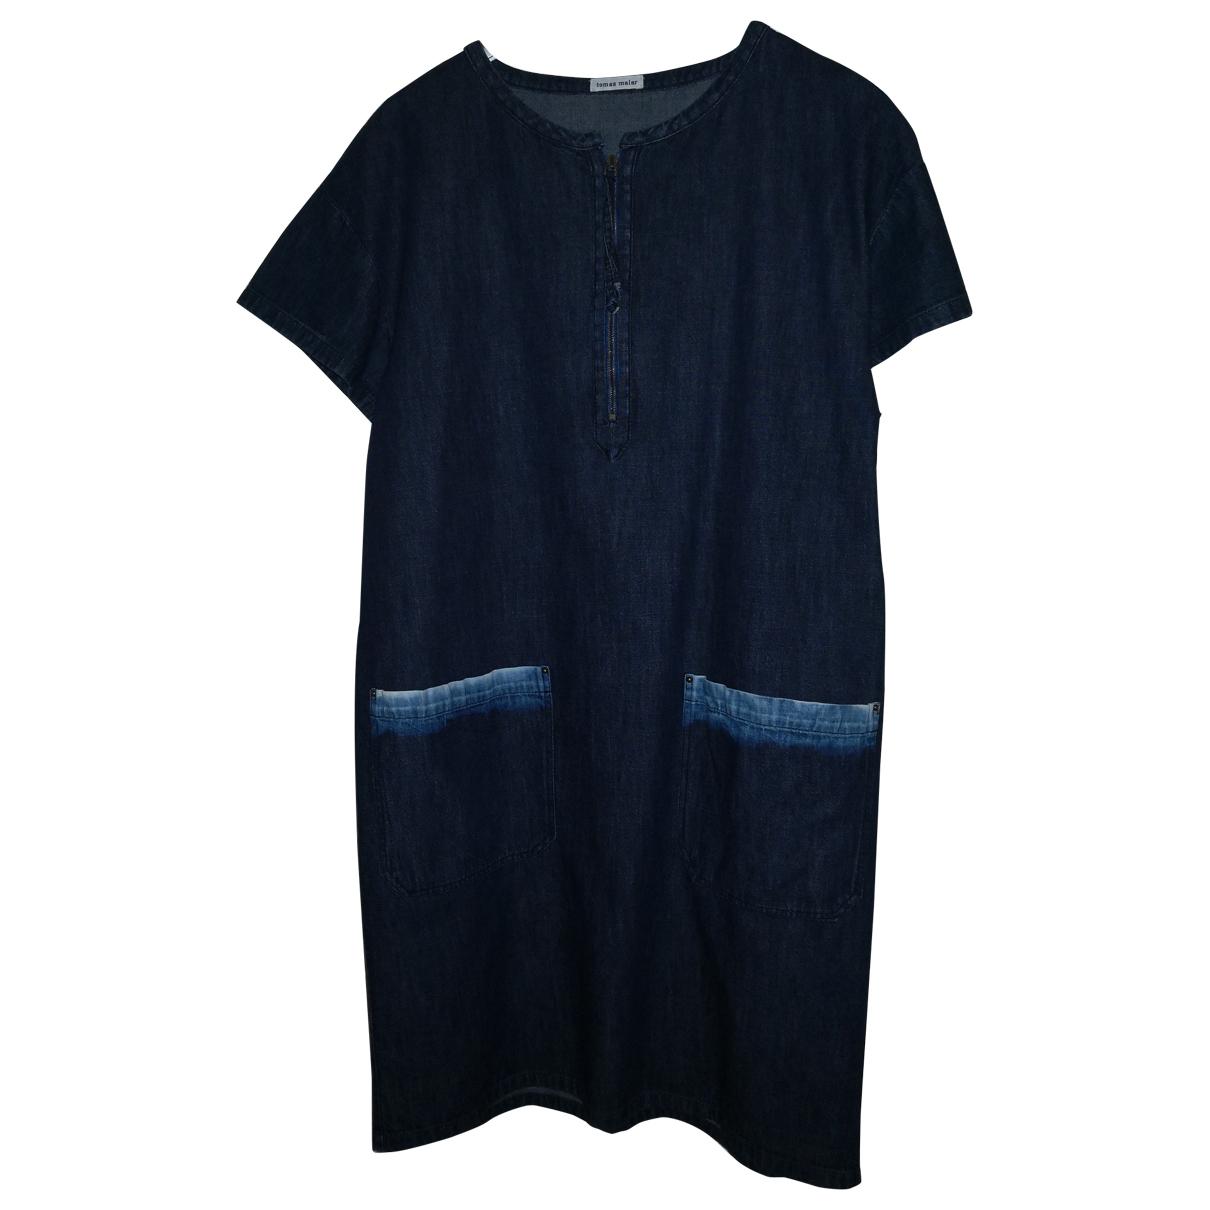 Tomas Maier \N Kleid in  Blau Baumwolle